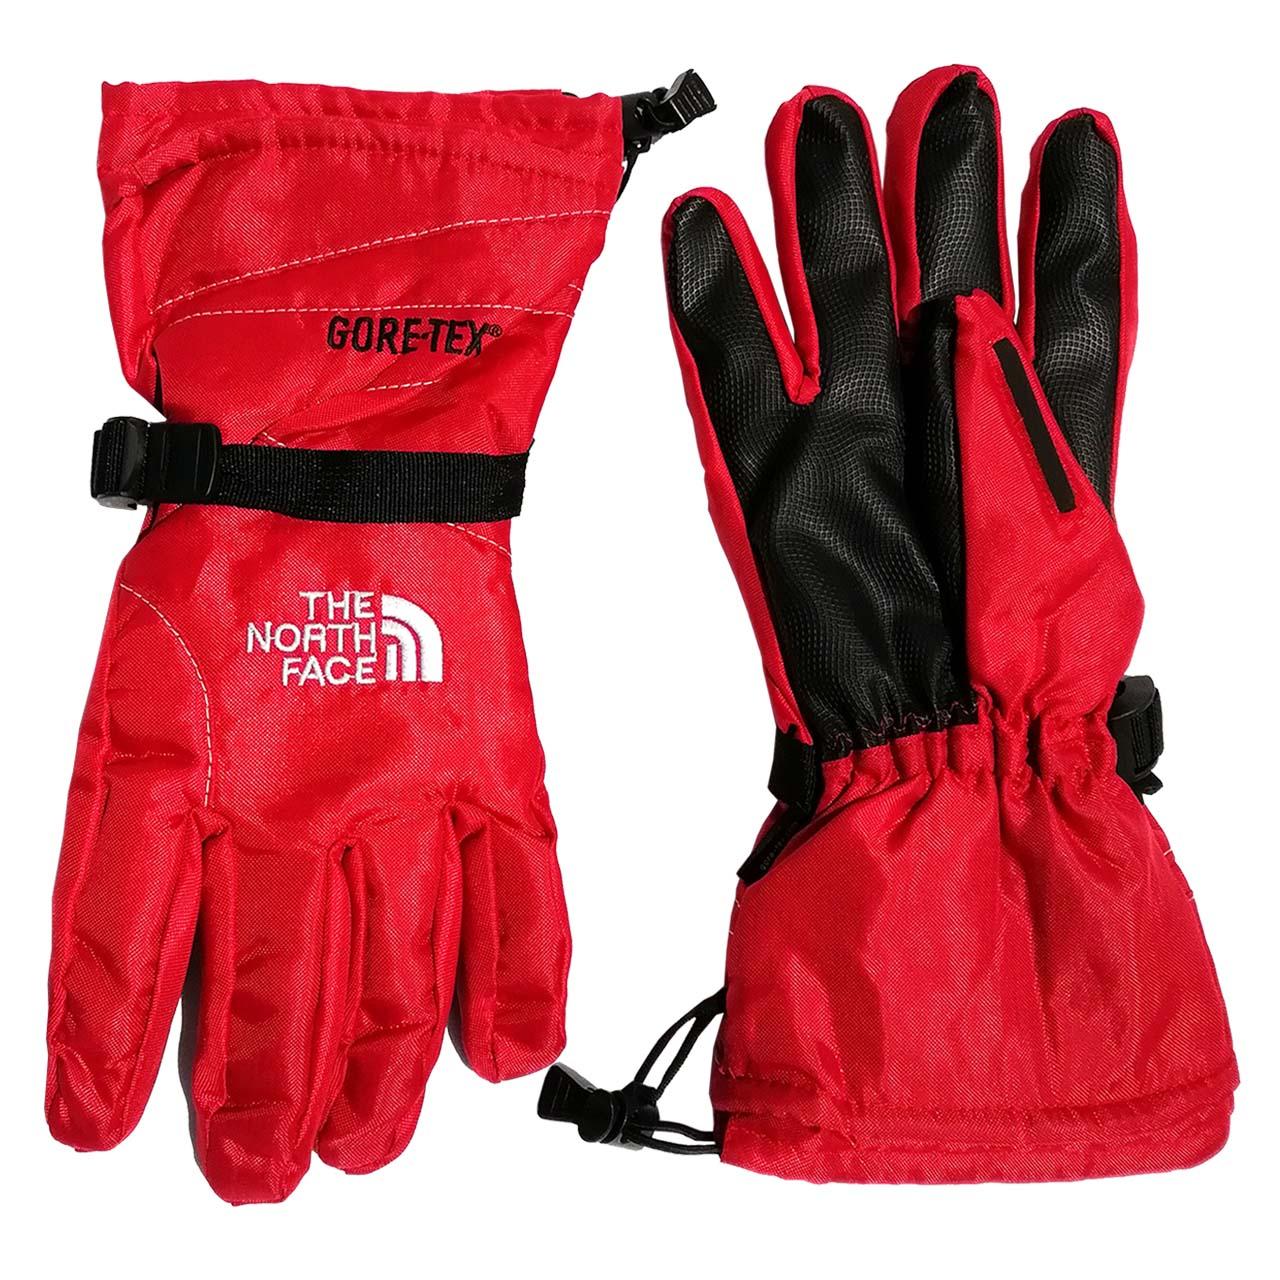 دستکش کوهنوردی نورث فیس